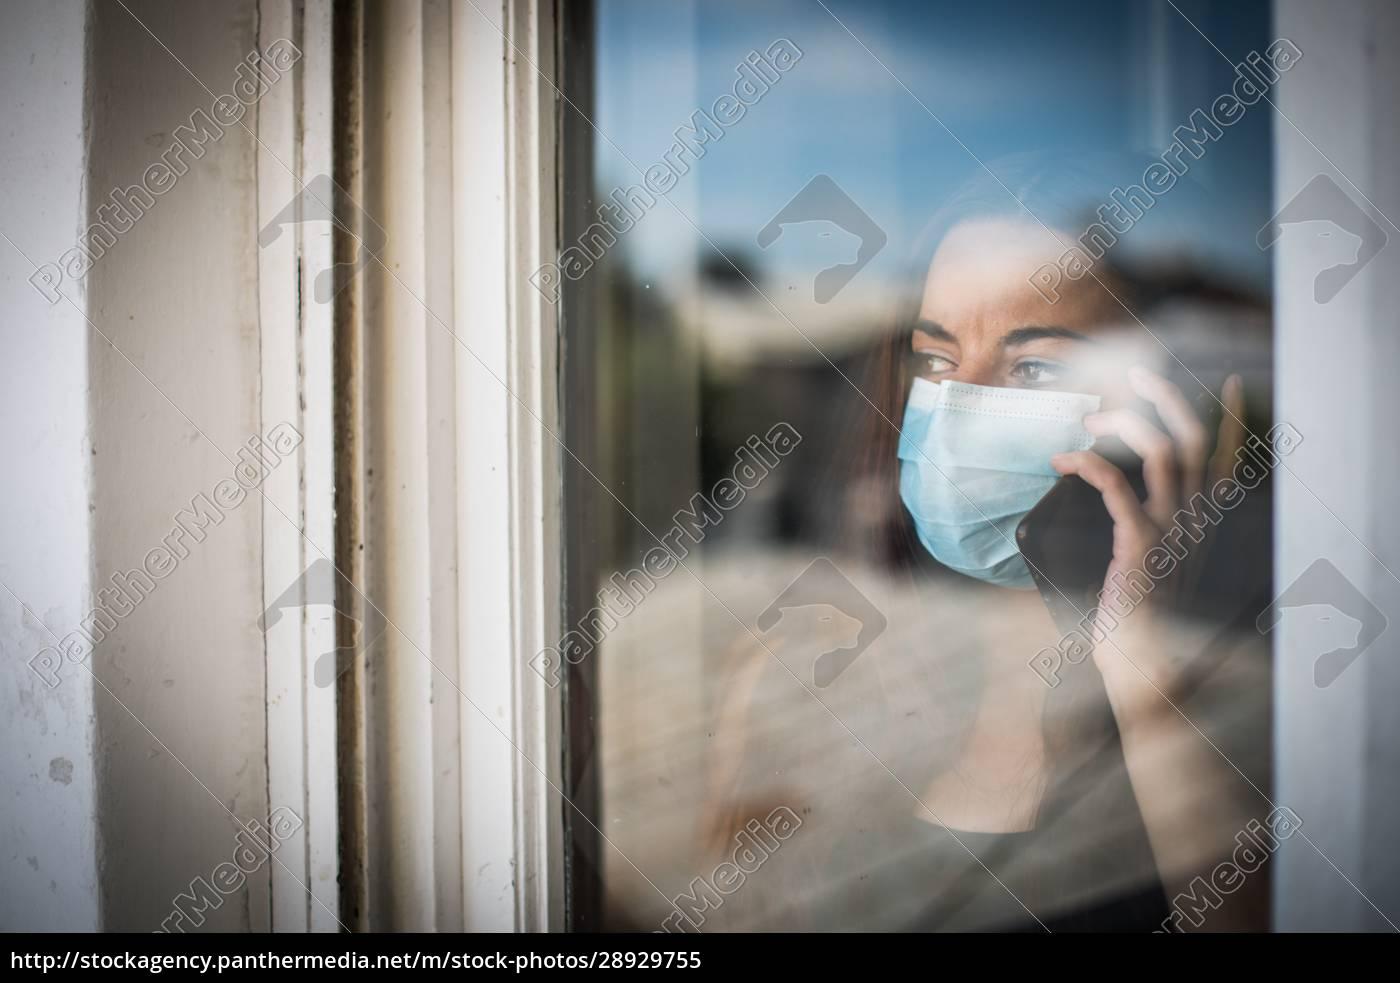 kobieta, rozmawia, przez, telefon, komórkowy, podczas - 28929755